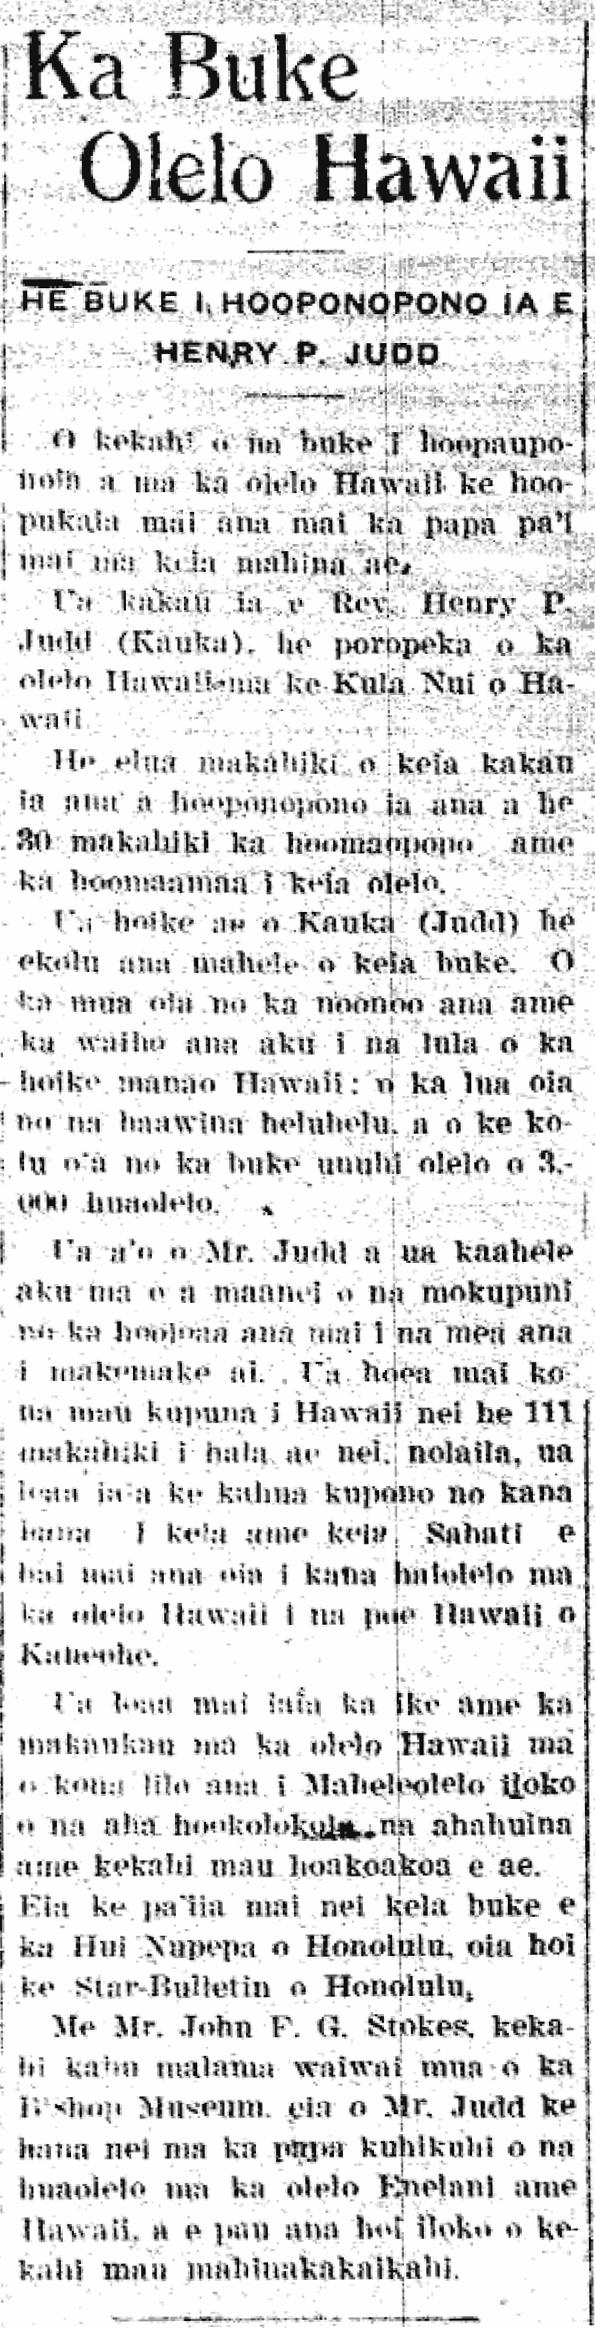 ua nele makou i ka hale ole hawaiian language childrens book